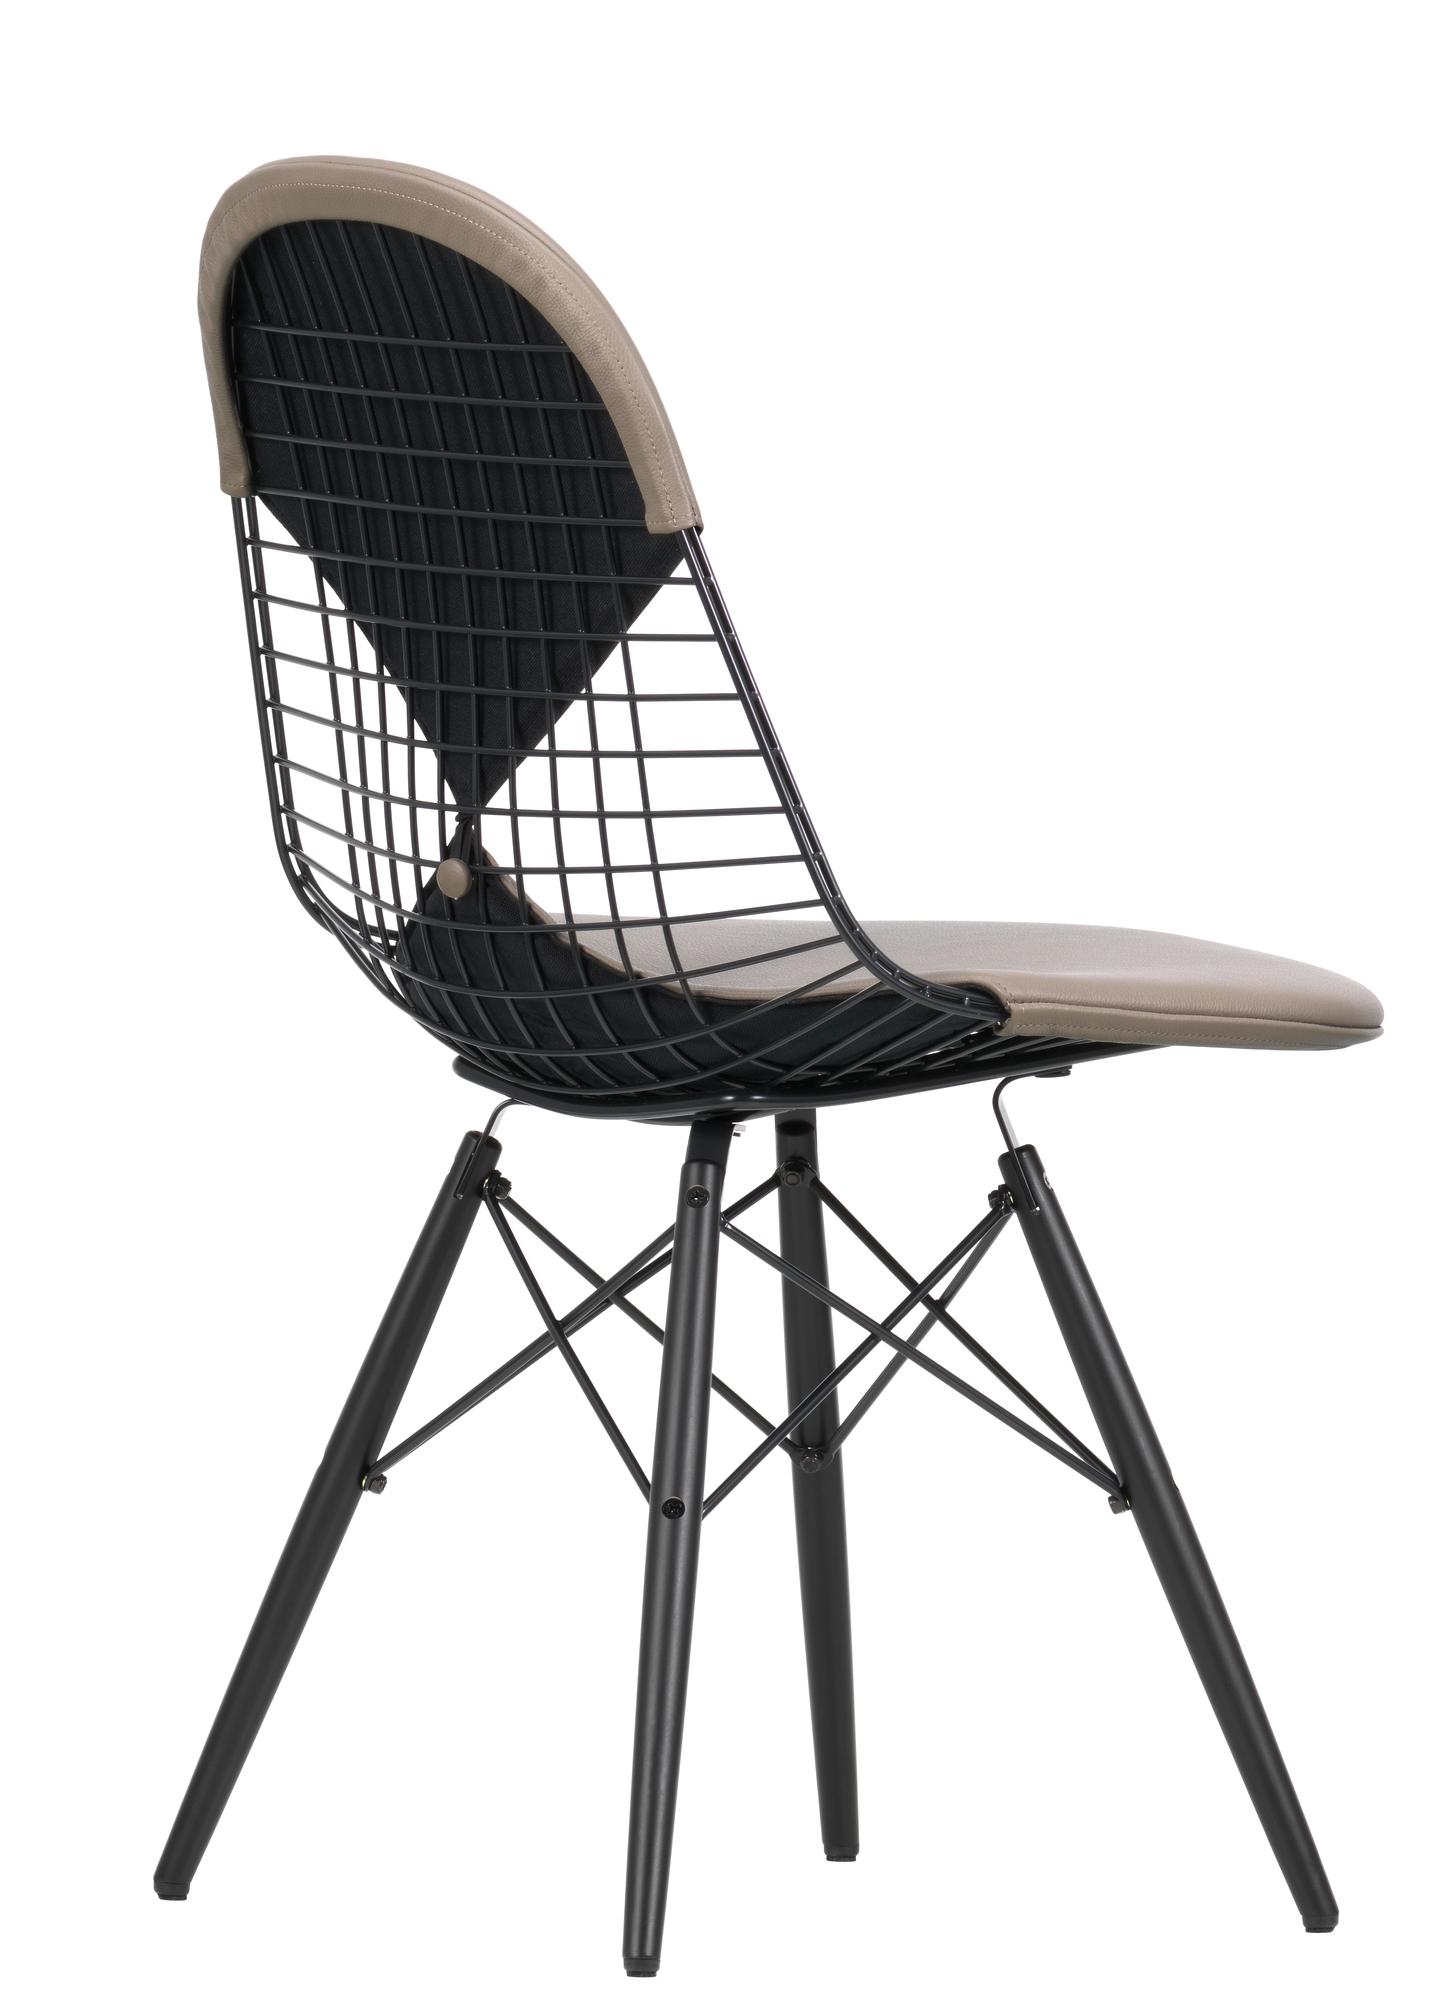 DKW-2 Wire Chair Stuhl mit Sitz und Rückenpolster Vitra